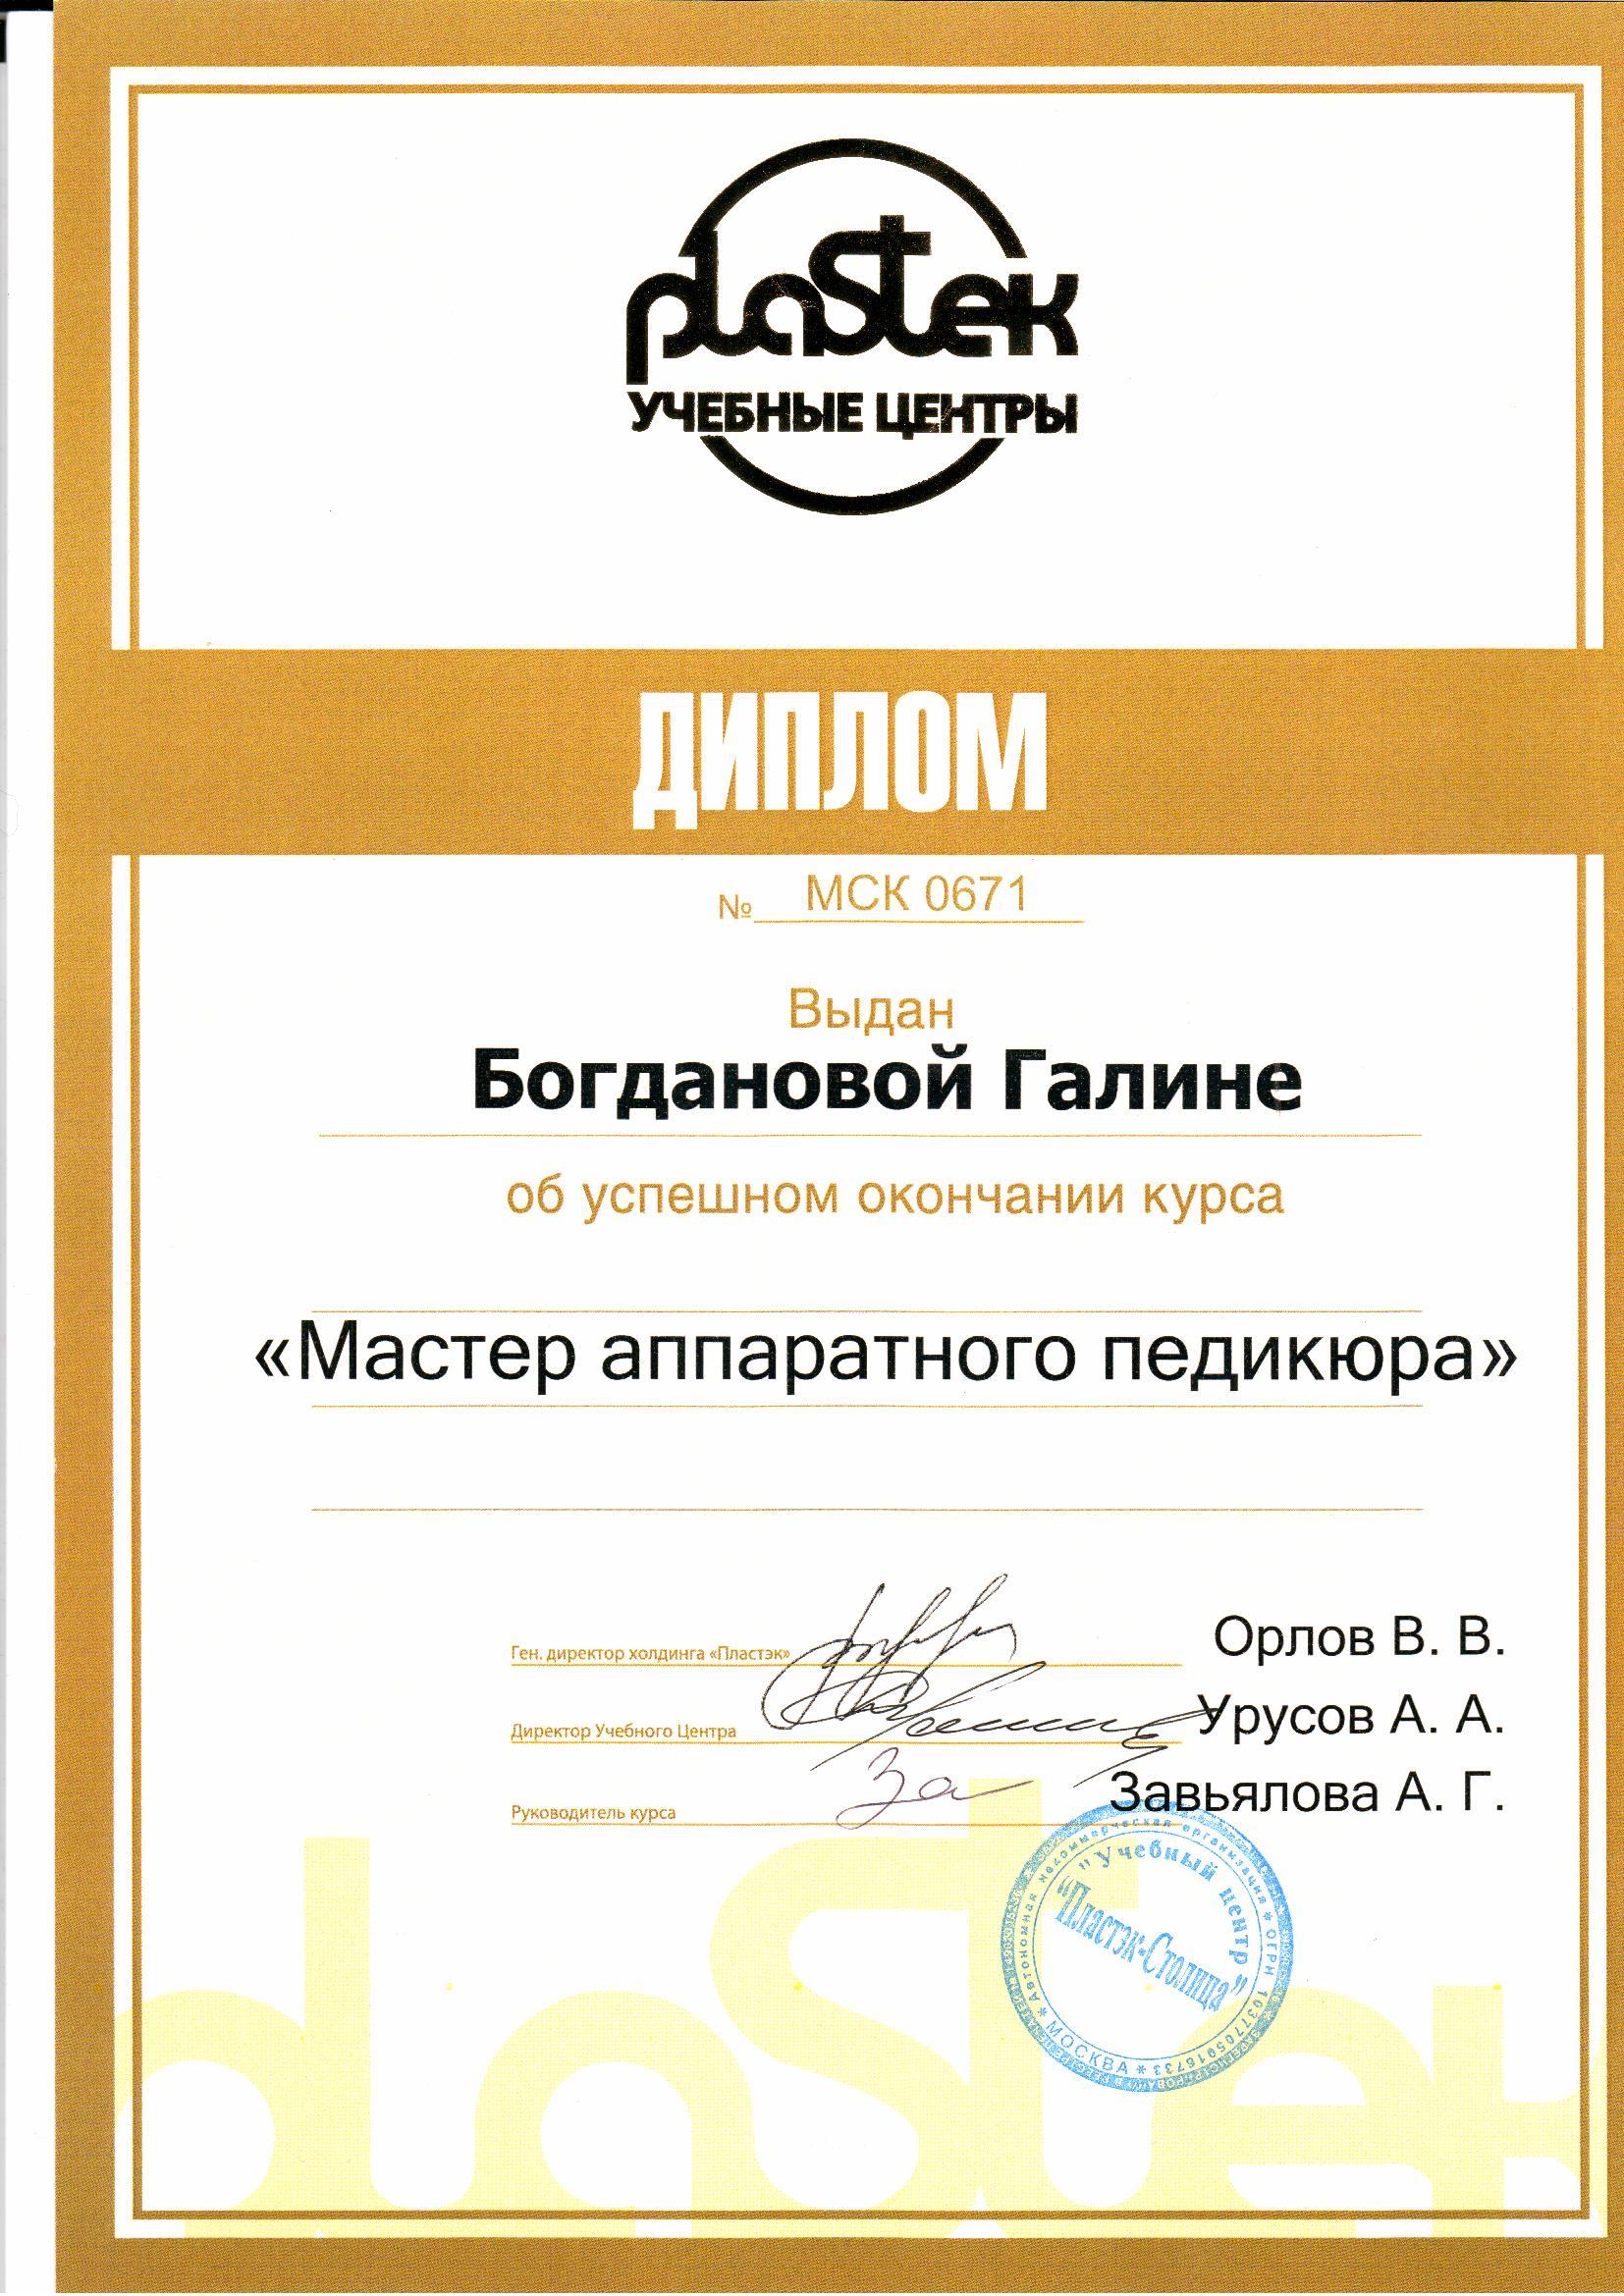 2013 Мастер аппаратного педикюра